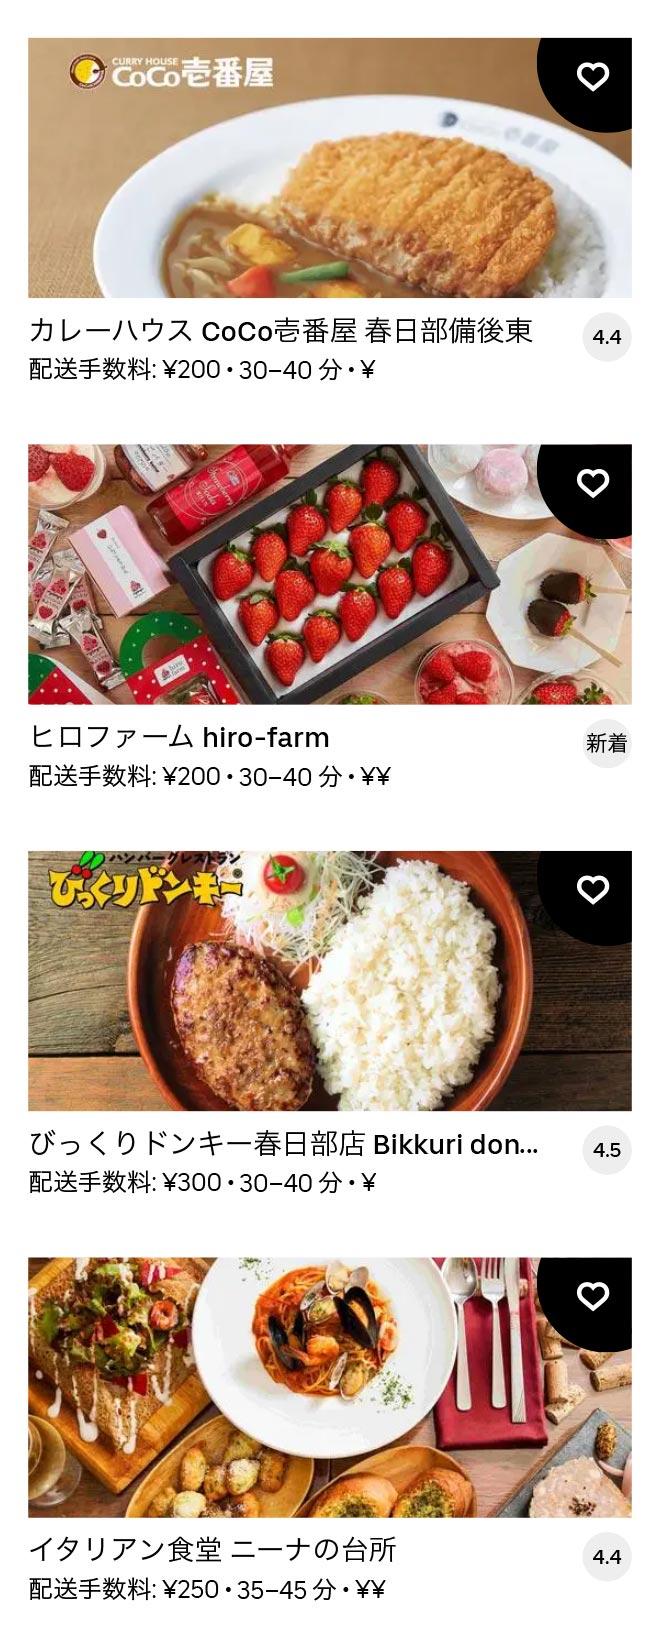 Takesato menu 2101 03